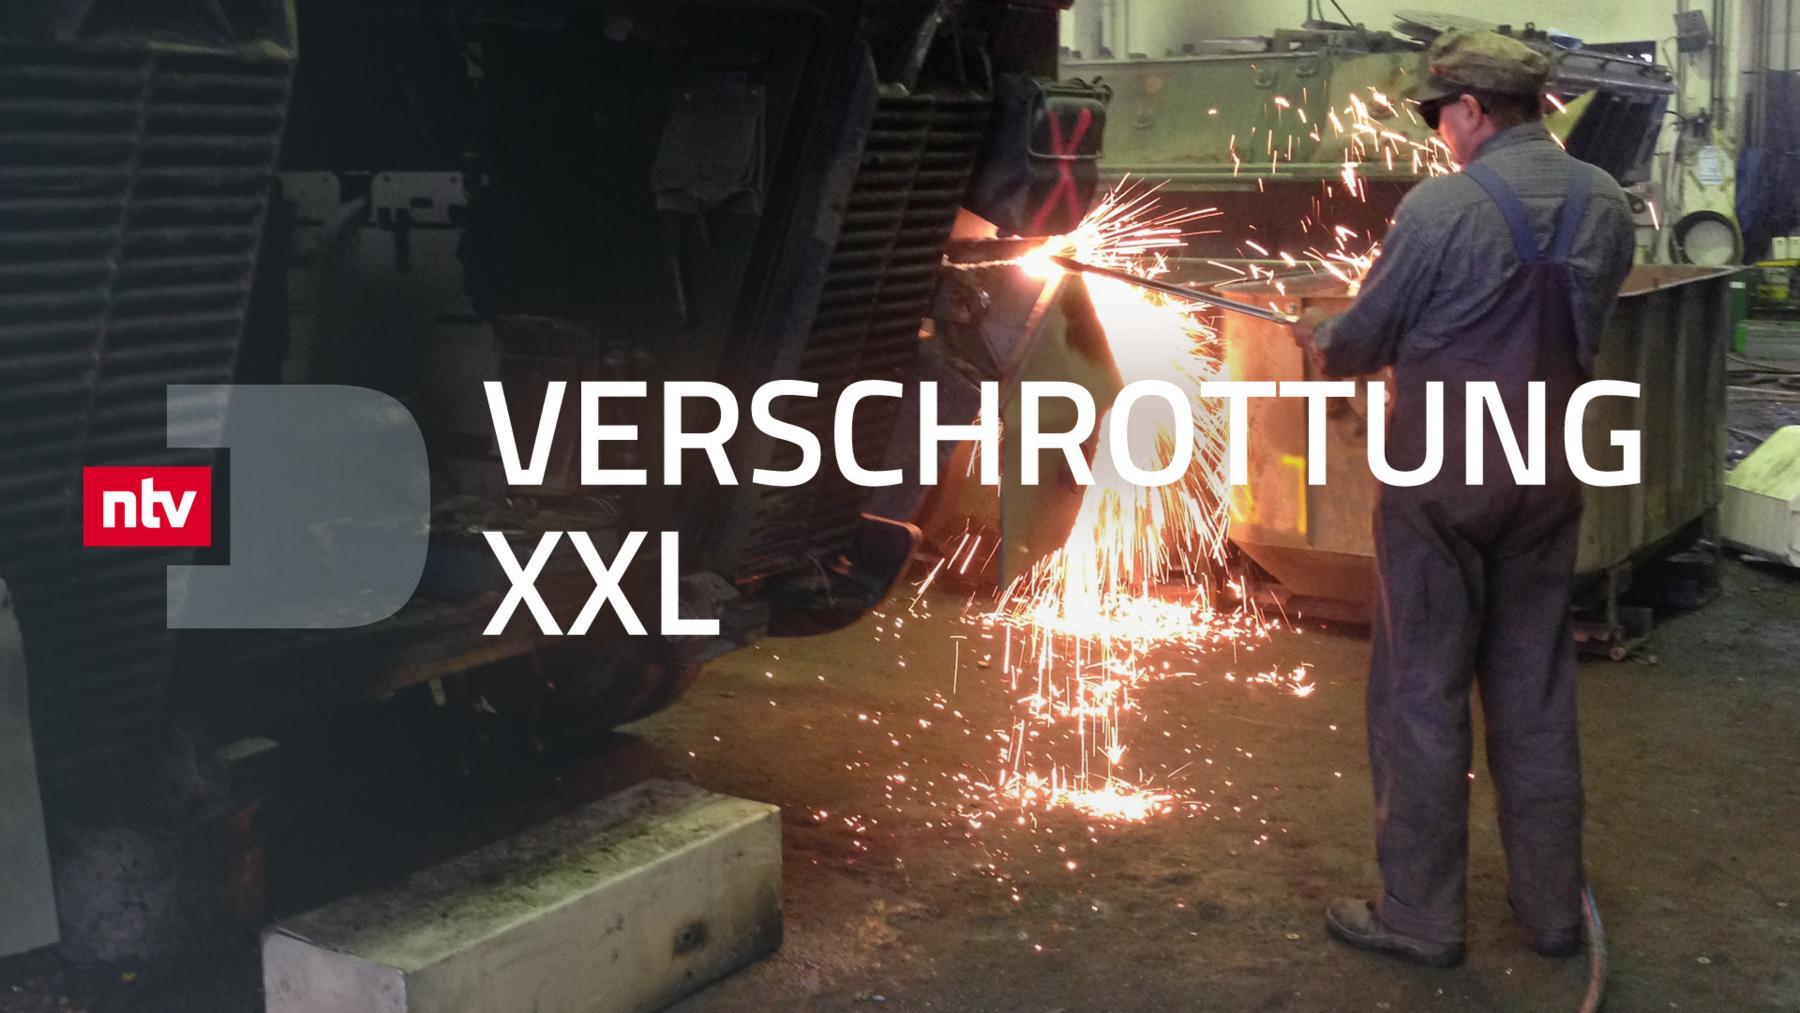 Verschrottung XXL